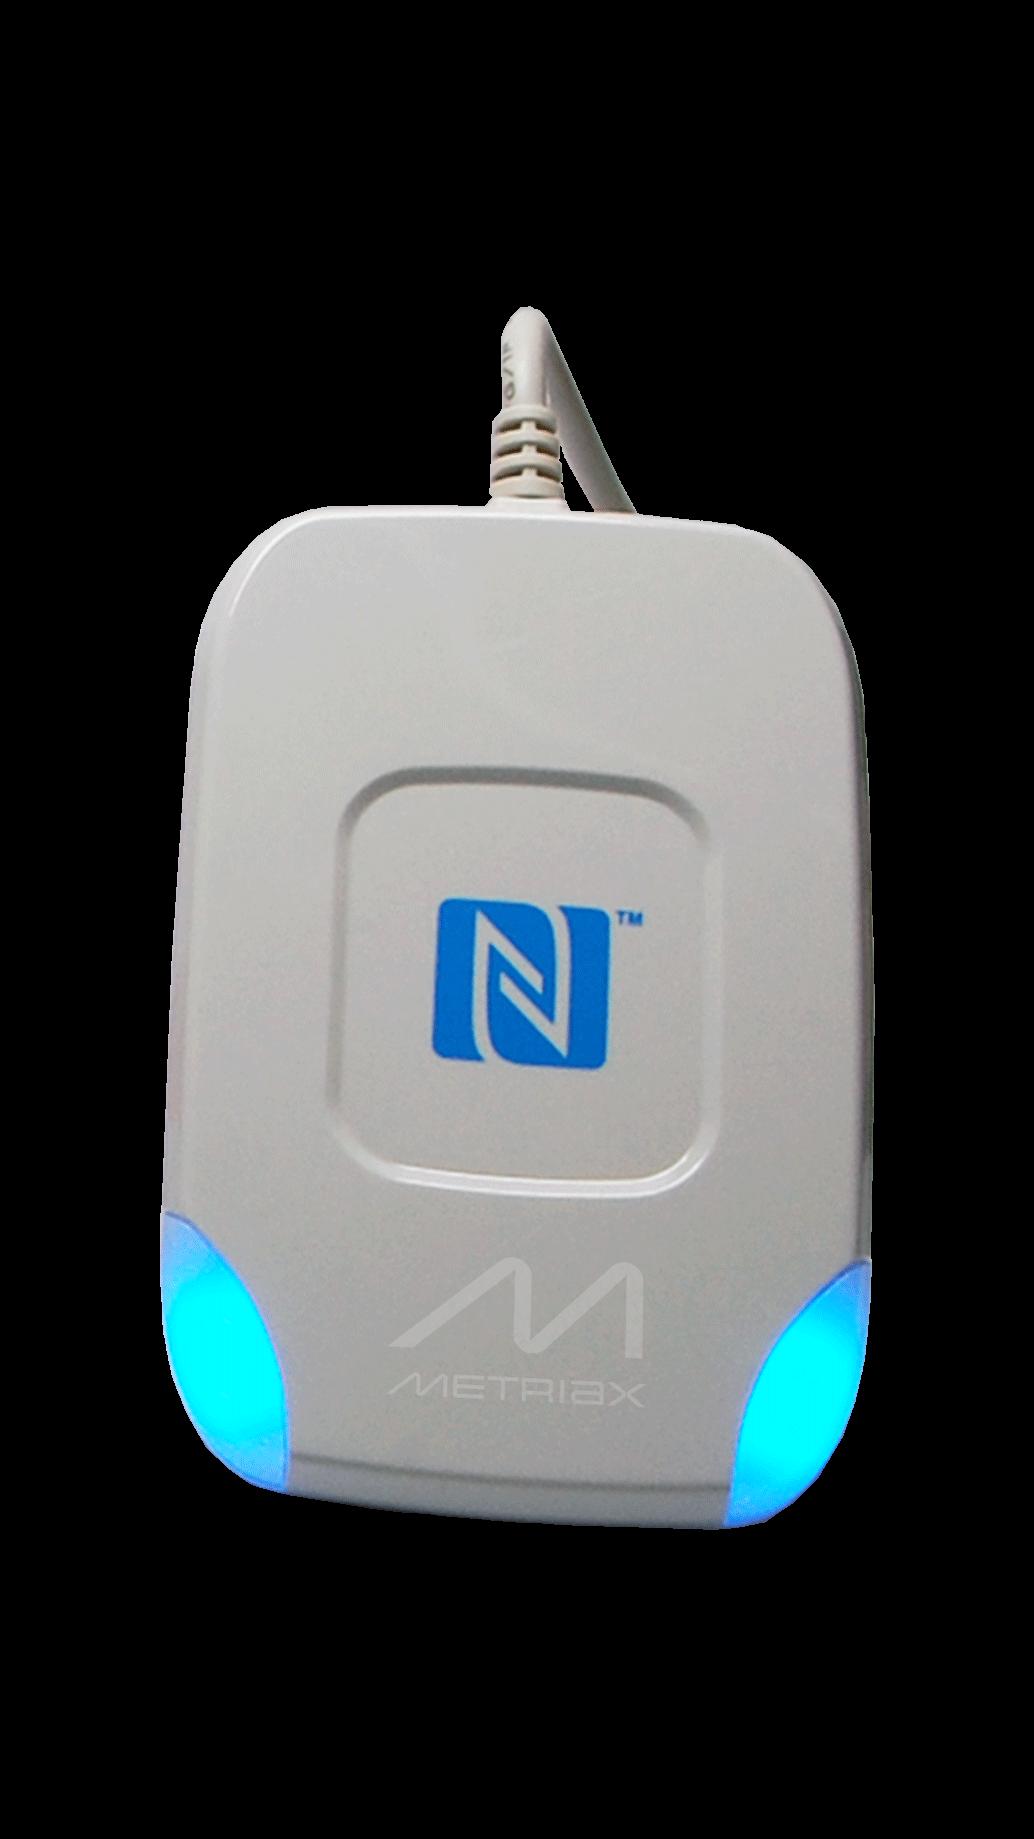 Metriax-MDE Dragon-USB-RFID-NFC-Tischleser-Desktopleser-ISO 14443